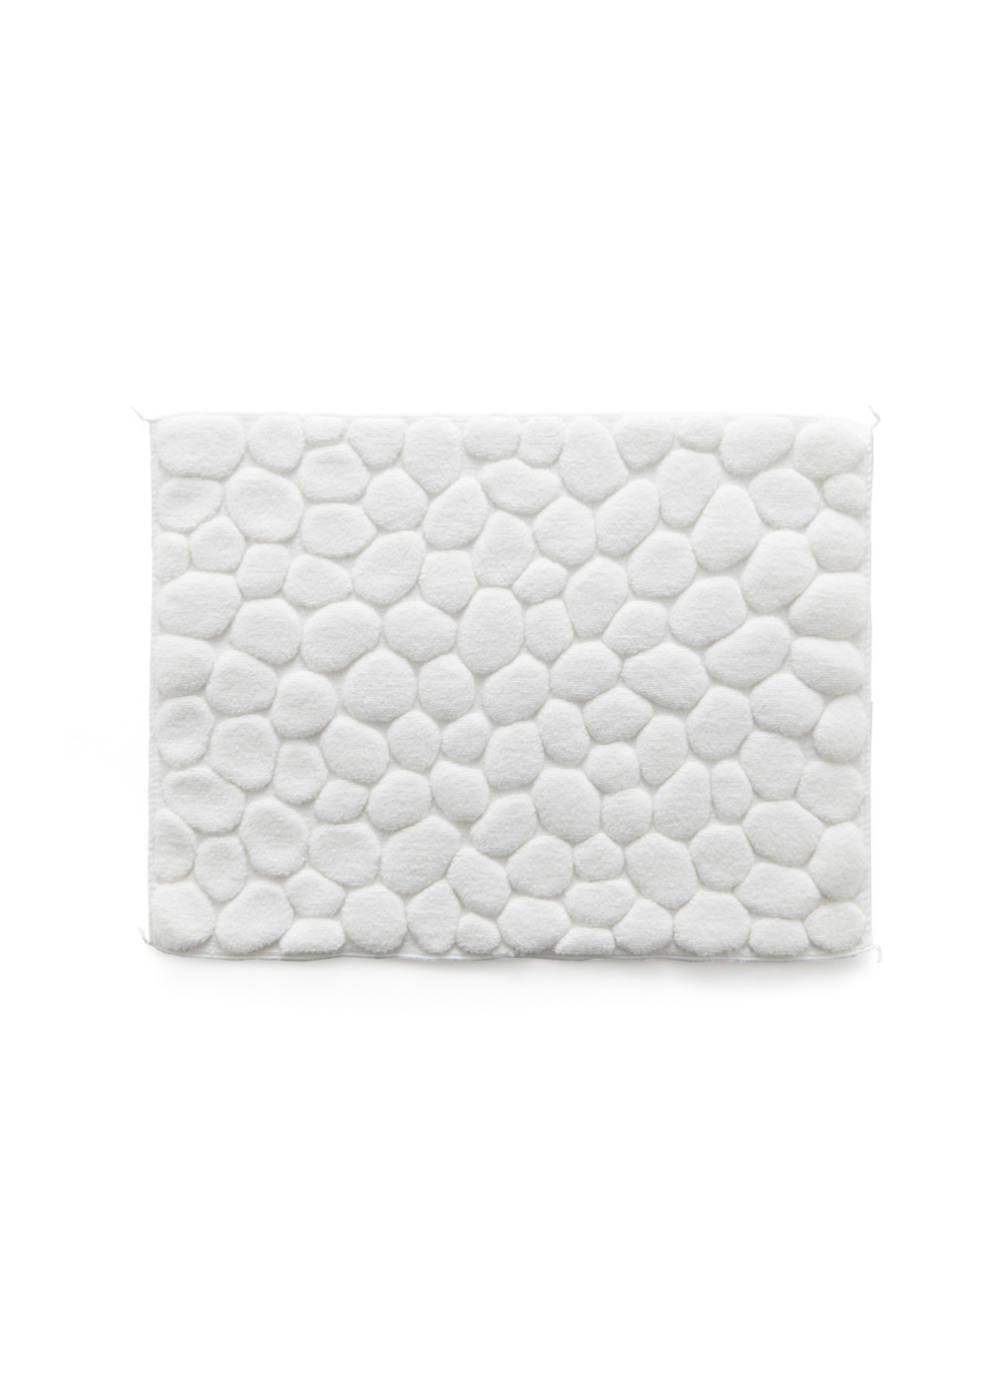 Ottaipnu-KoishiBathMat-White